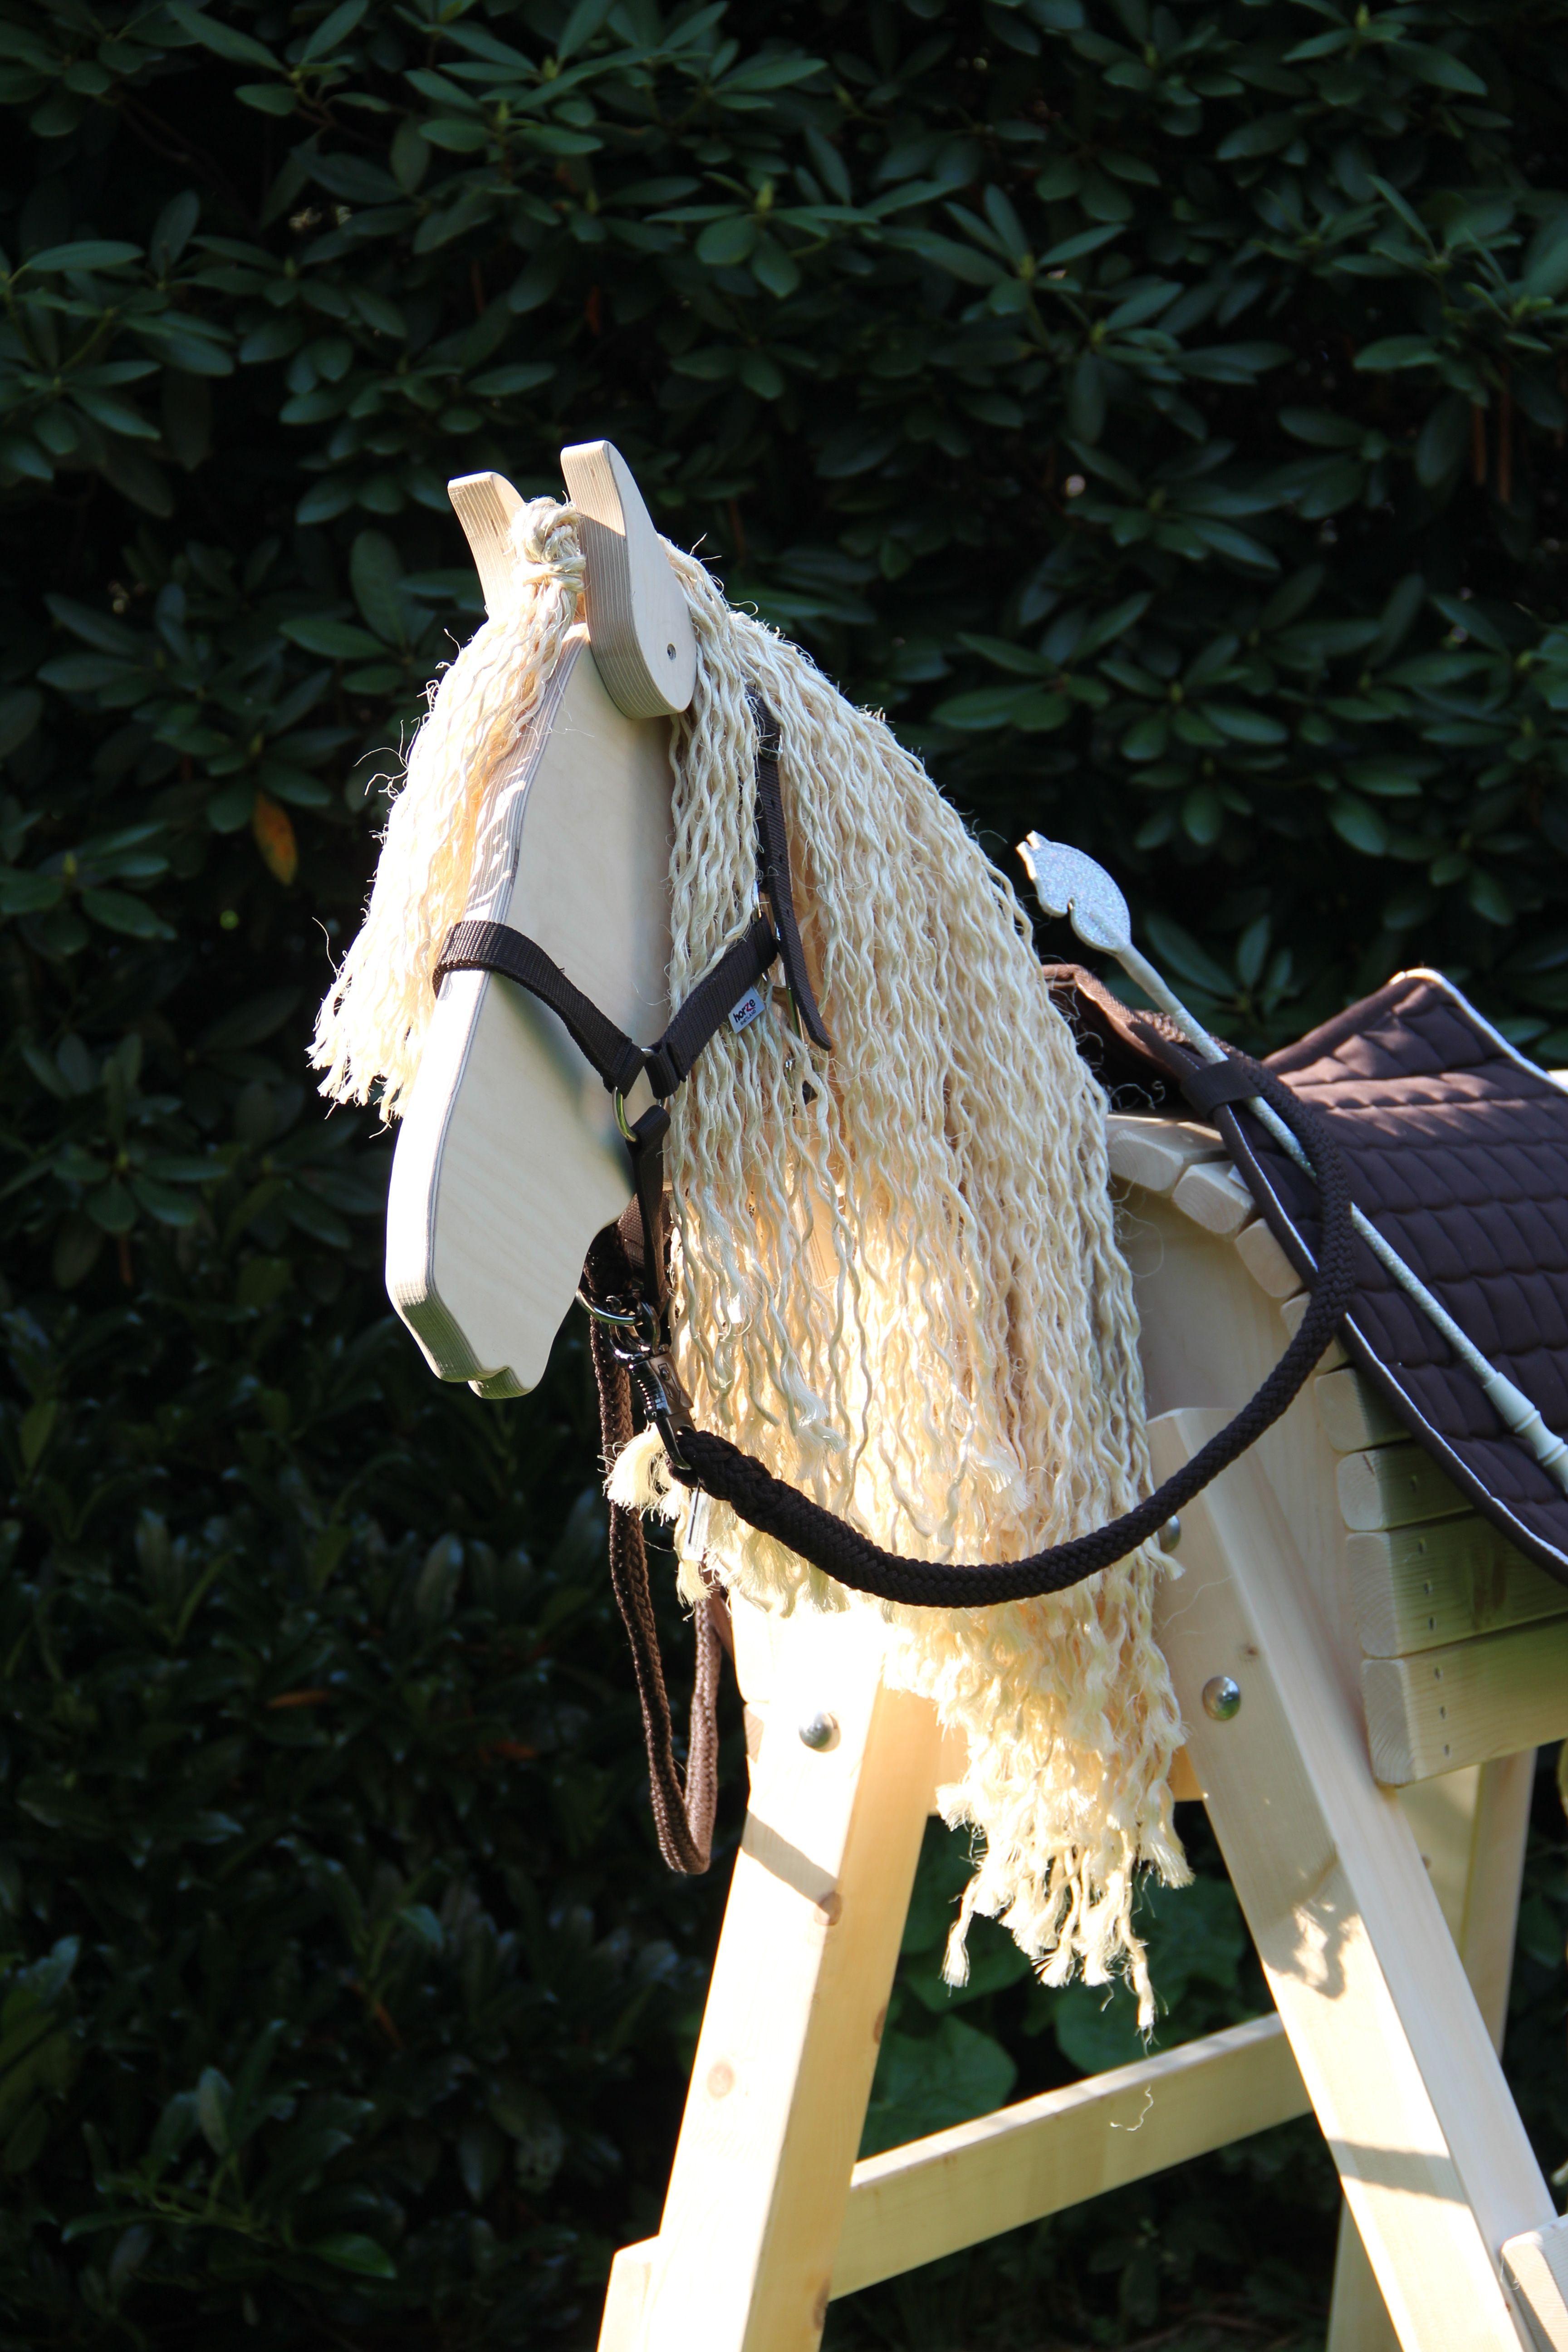 Endlich Mal Ein Schones Holzpferd Bei Dem Die Proportionen Stimmen Ein Holzpferd Wie Die Stabile Princess Von Der Firma Top Holzpferd Holzpferd Garten Pferd